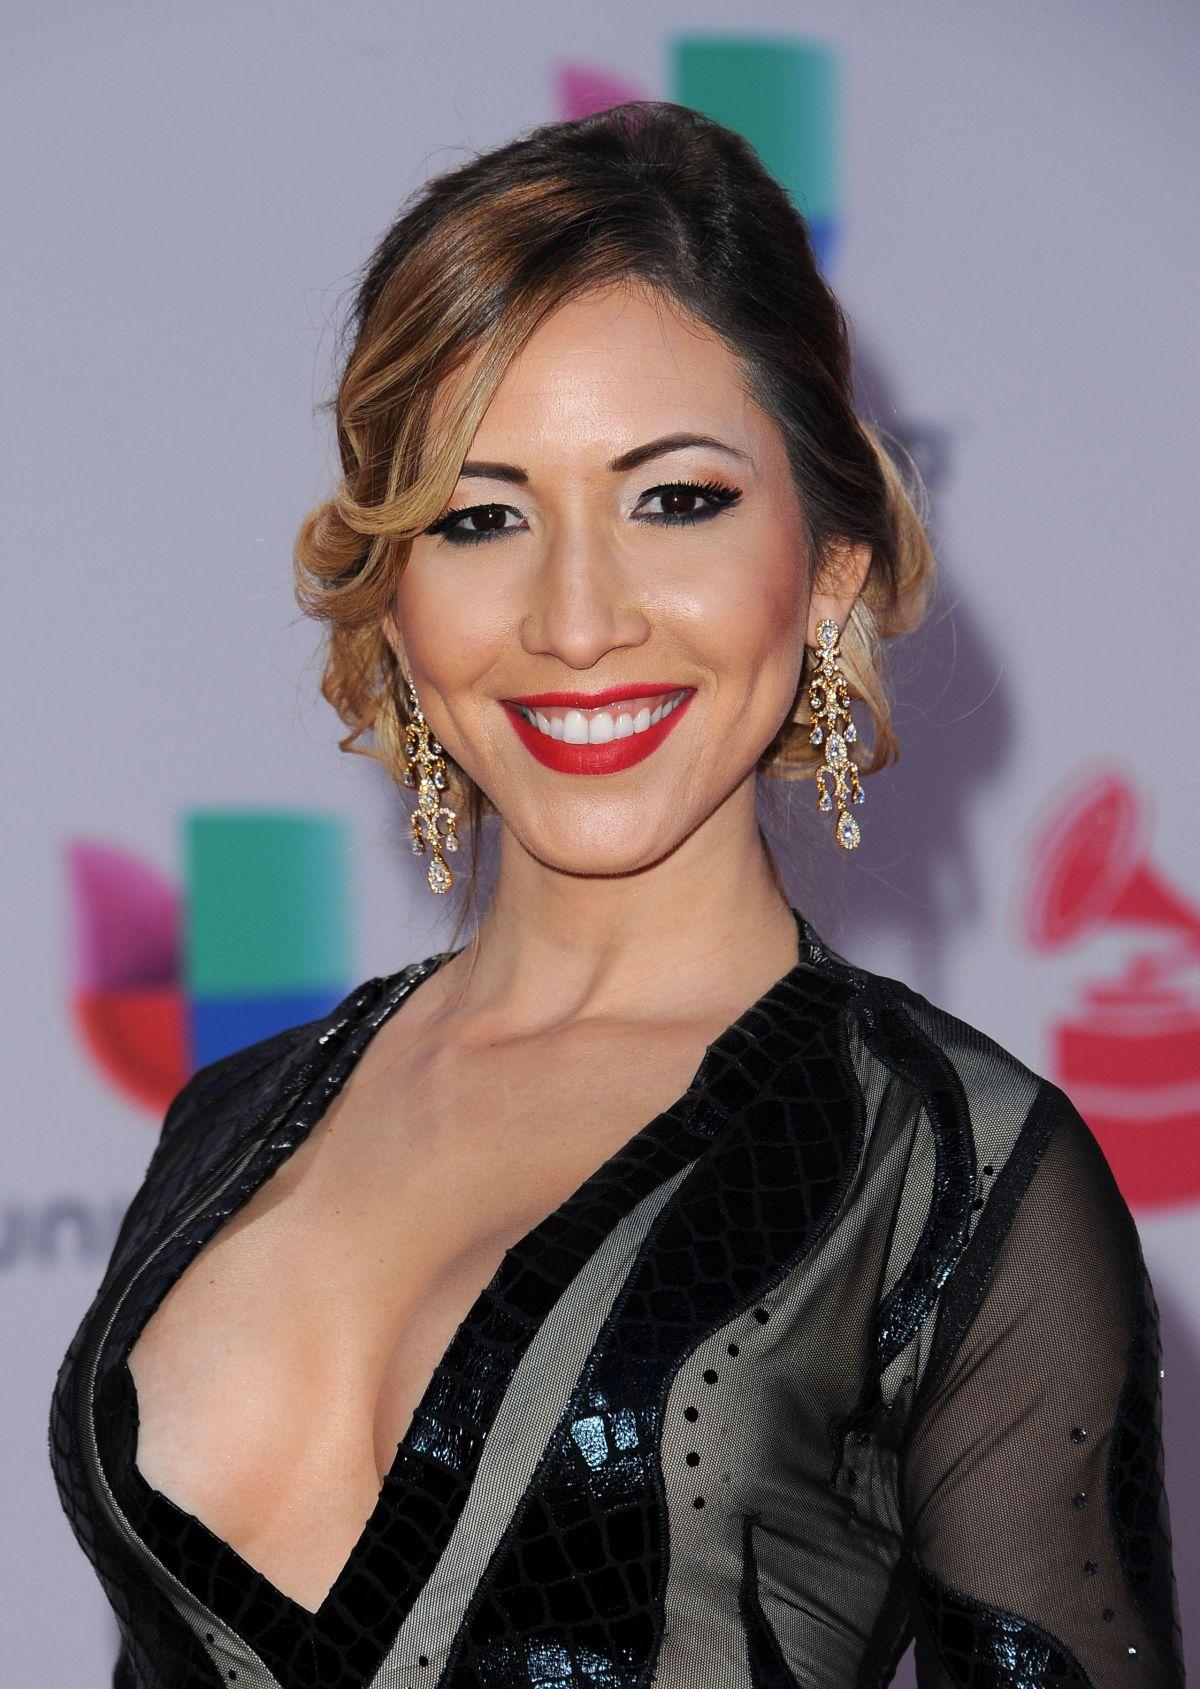 TATIANA LIARY at 2015 Latin Grammy Awards in Las Vegas 11/18/2015